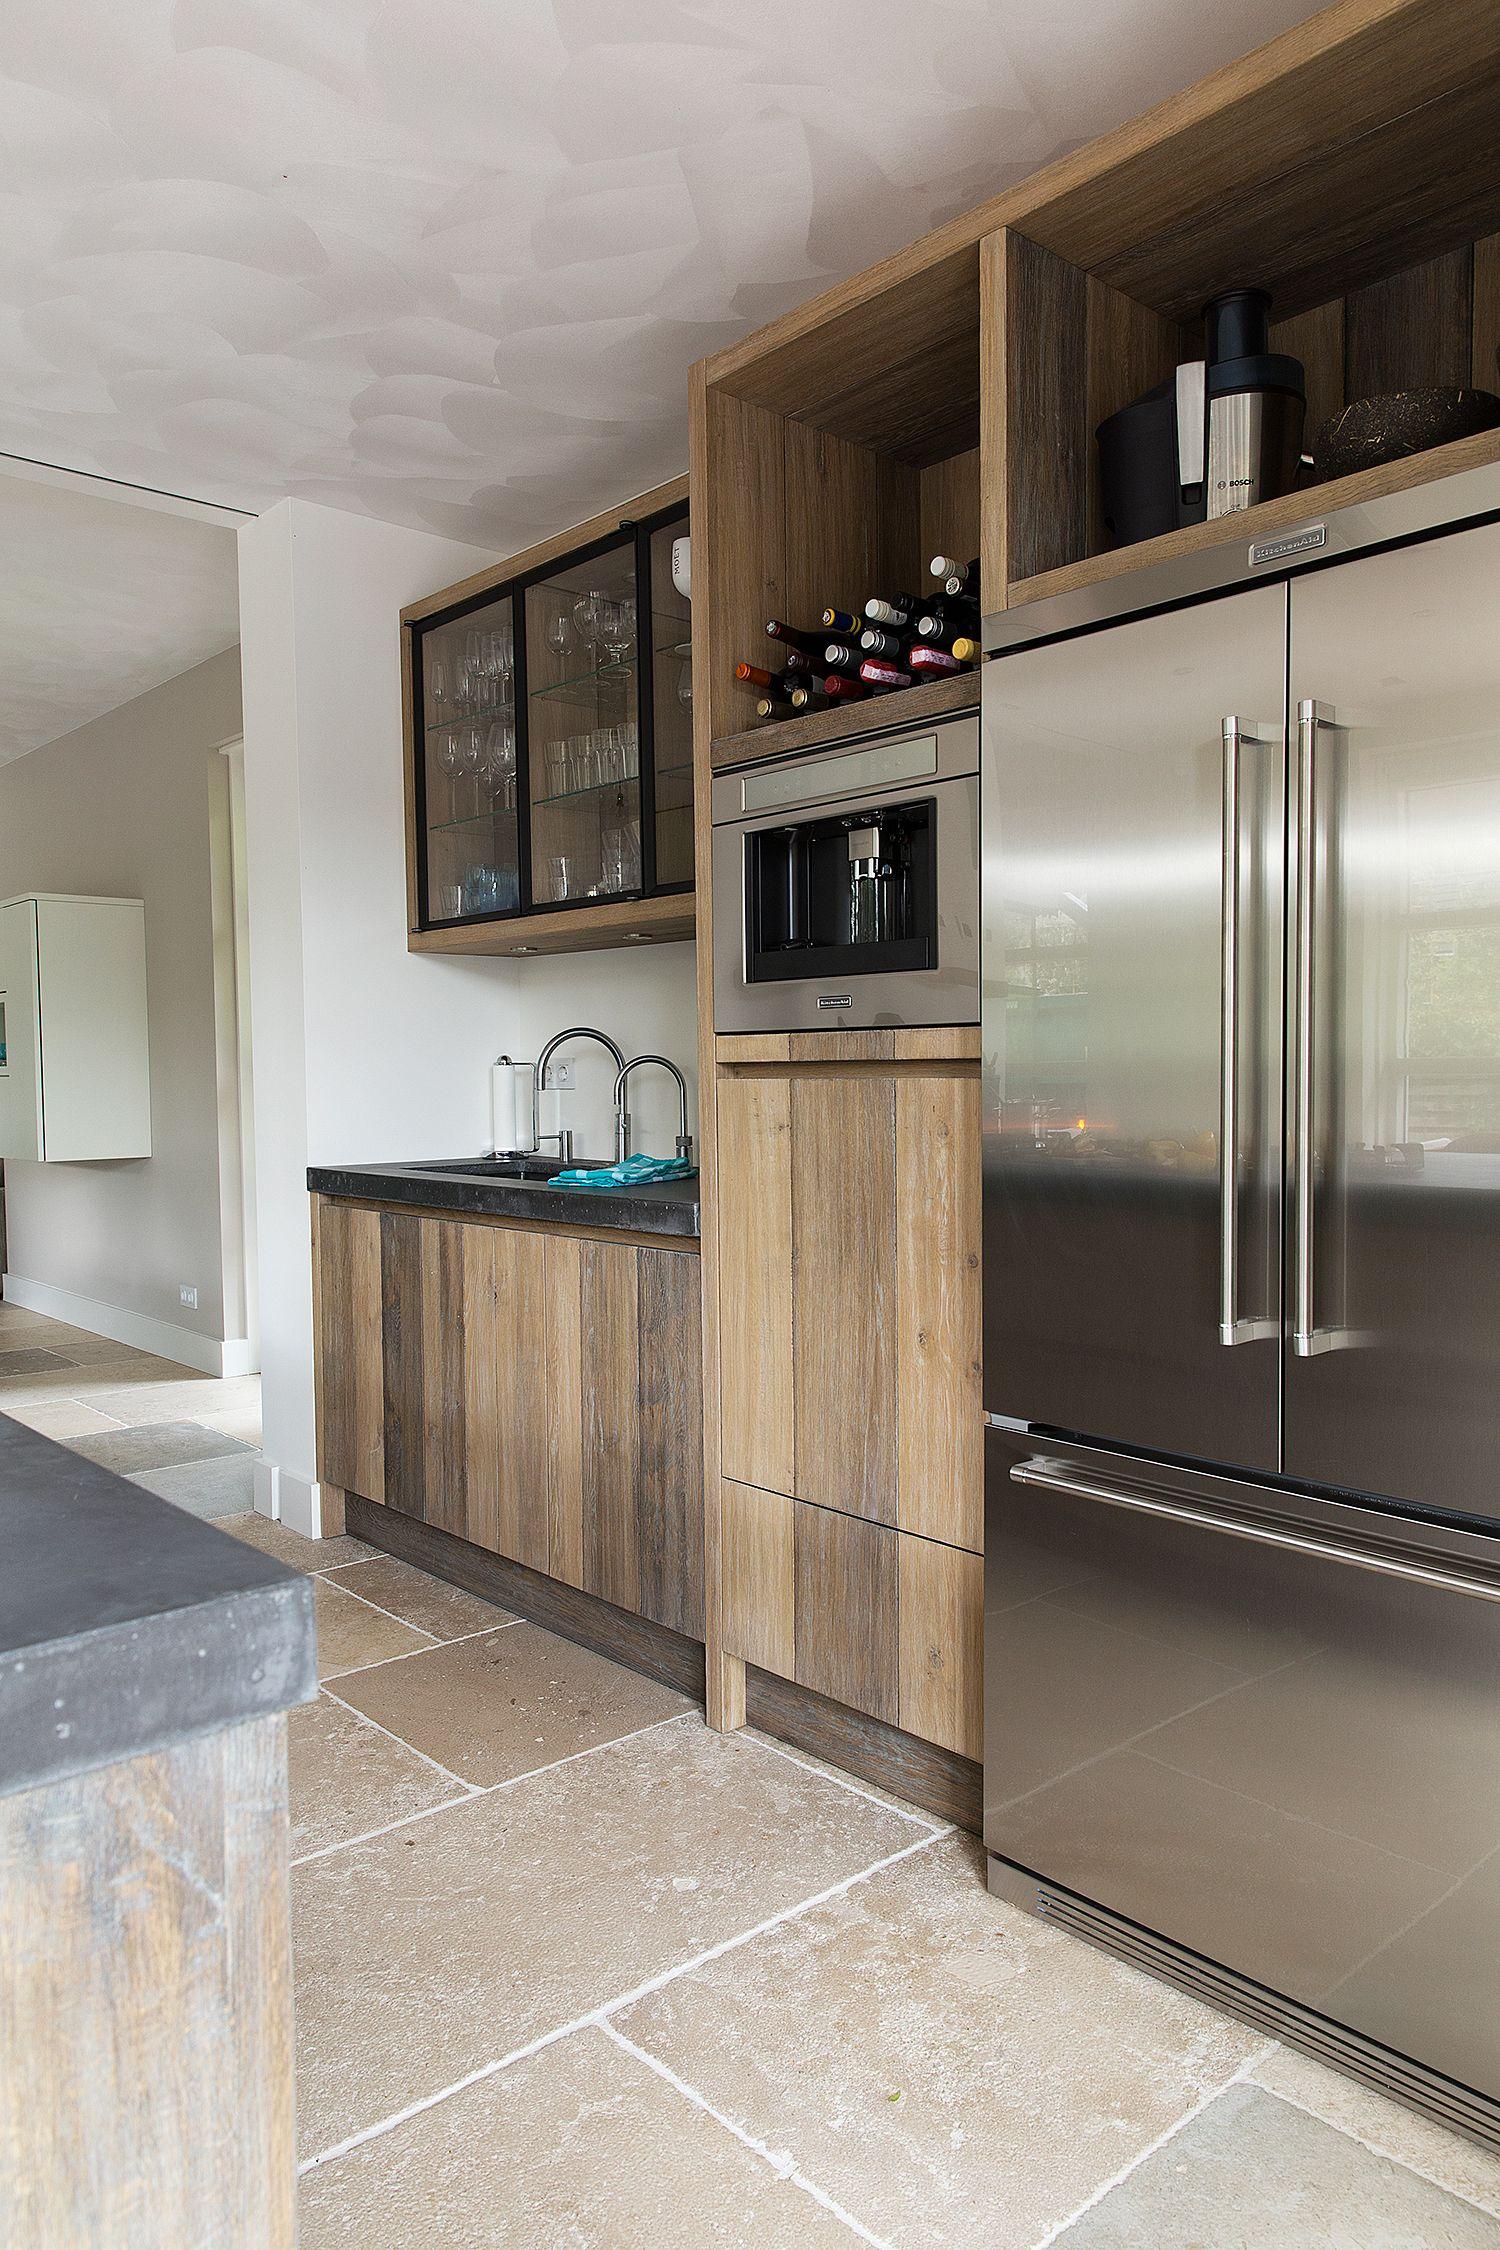 Amerikaanse koelkast in houten keuken keuken pinterest for Tinello keuken